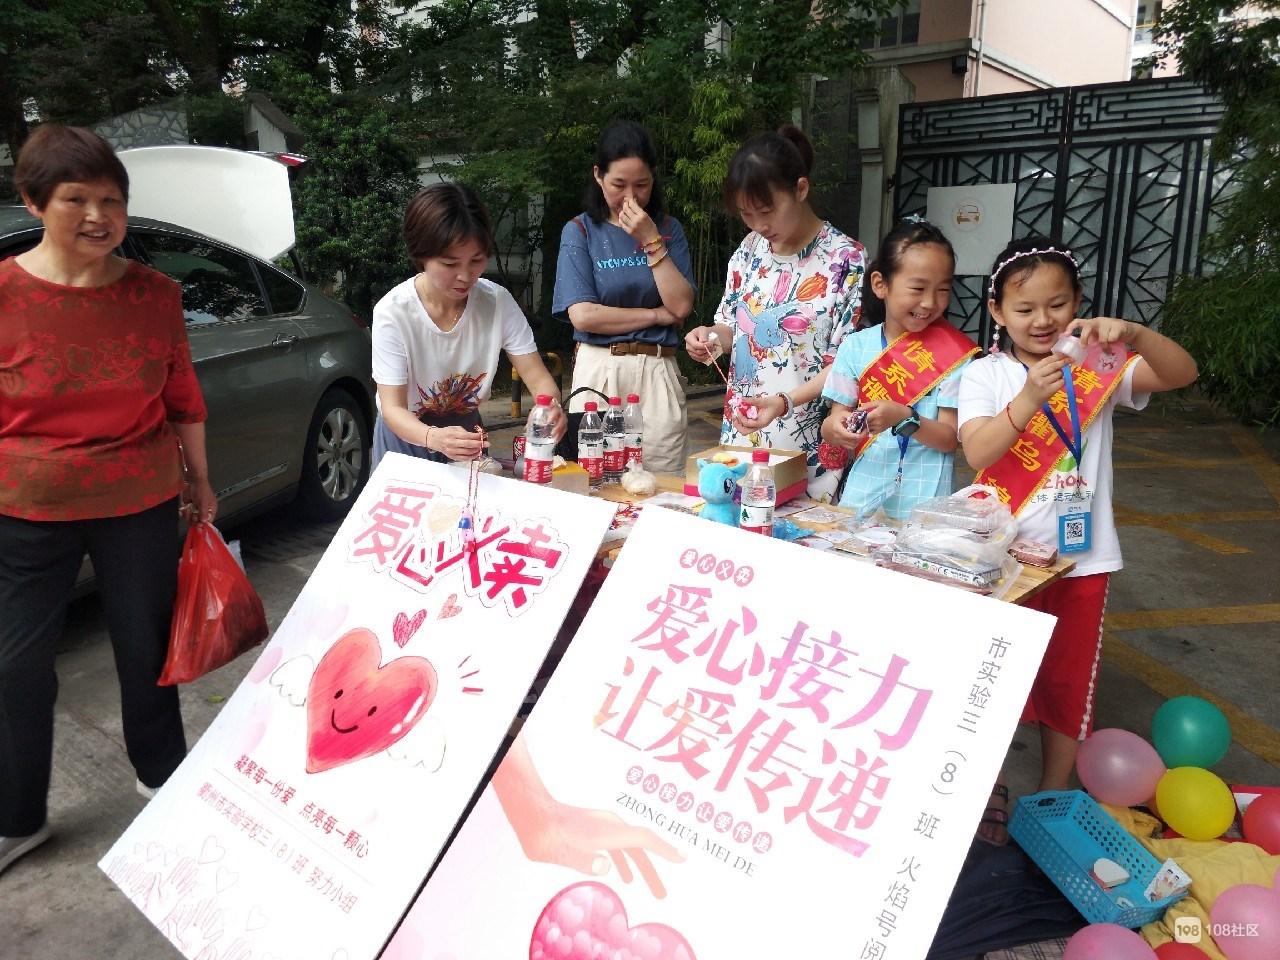 衢州实验小学爱心义卖,全部所得捐给新疆贫困的孩子!